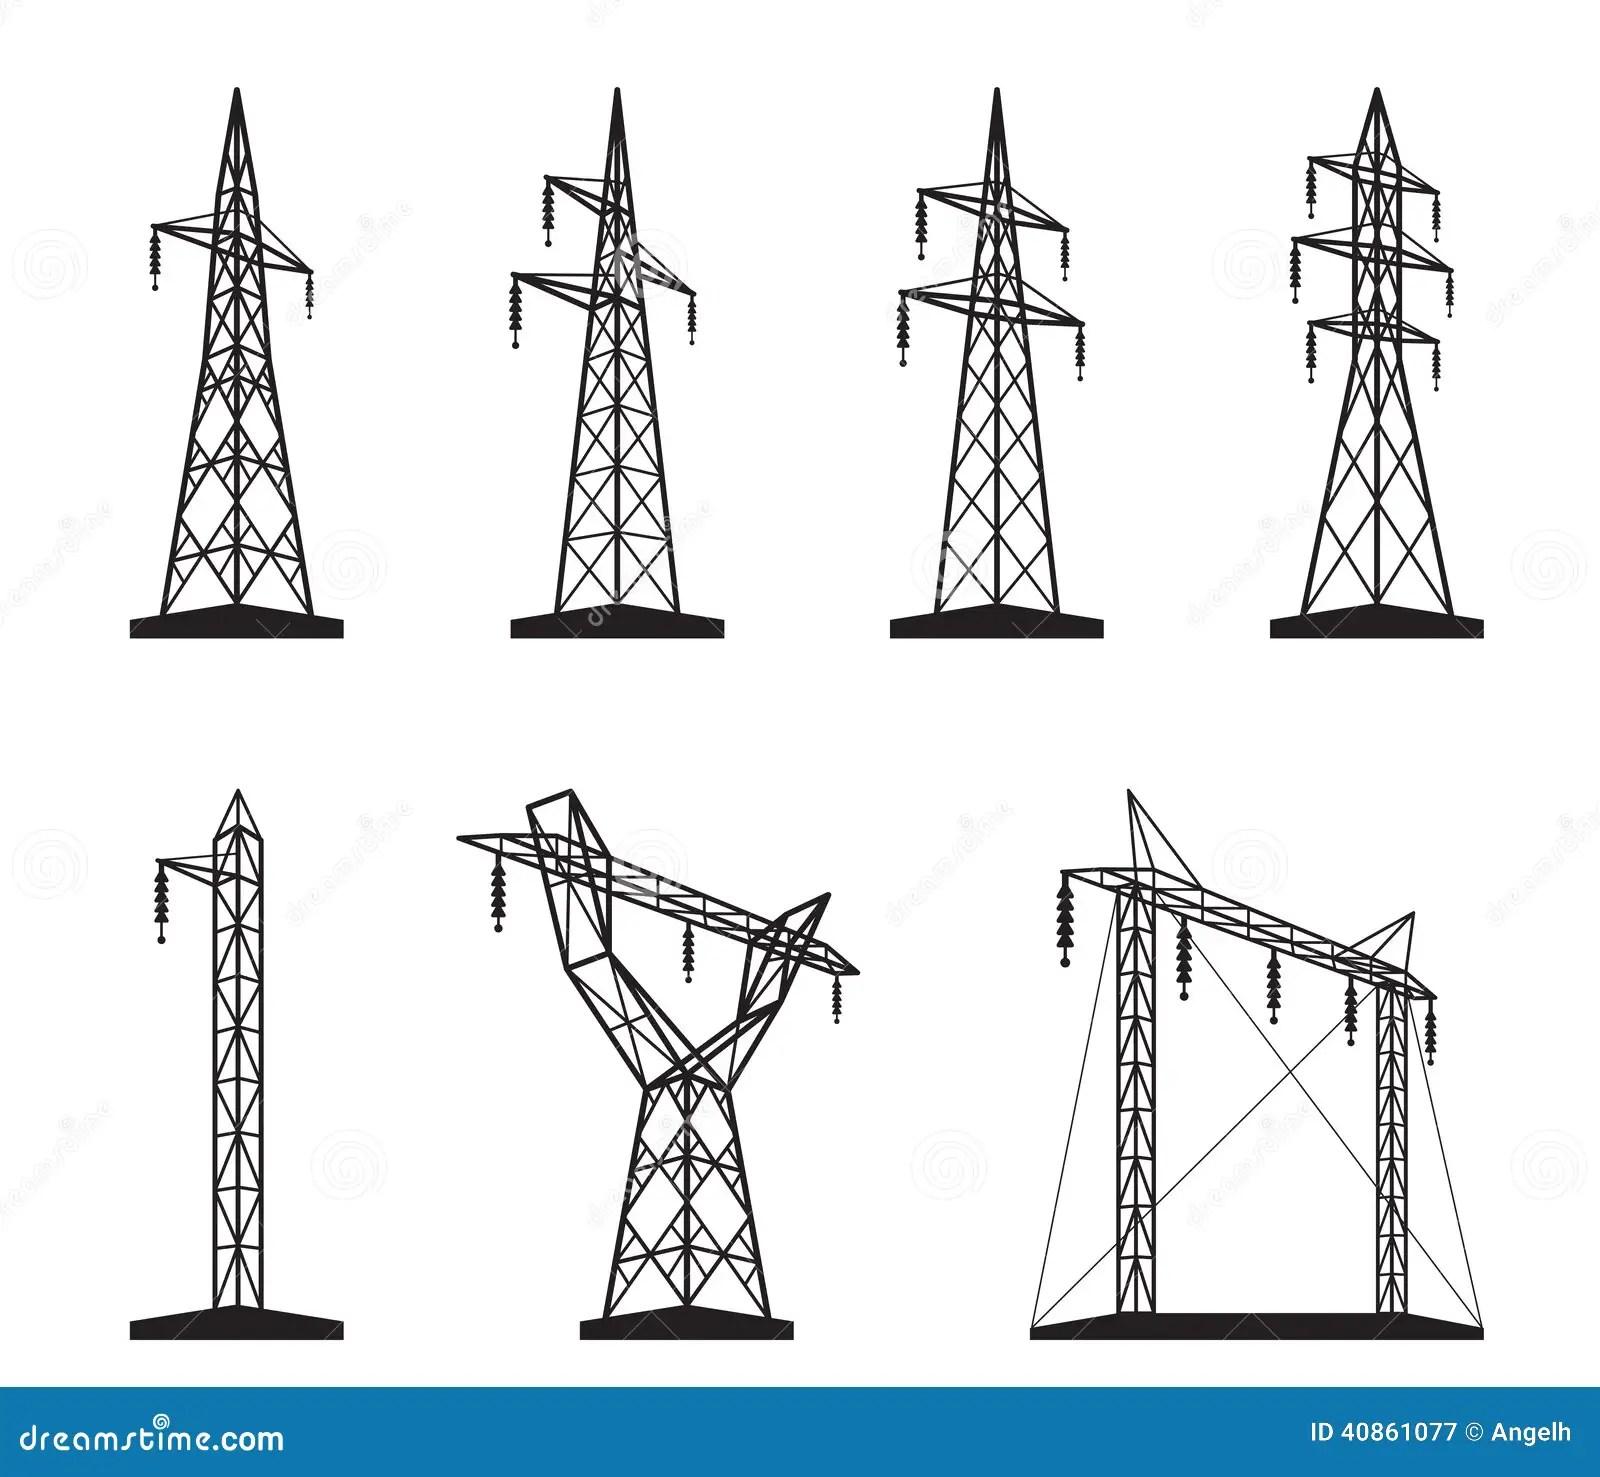 Pole Line Diagram